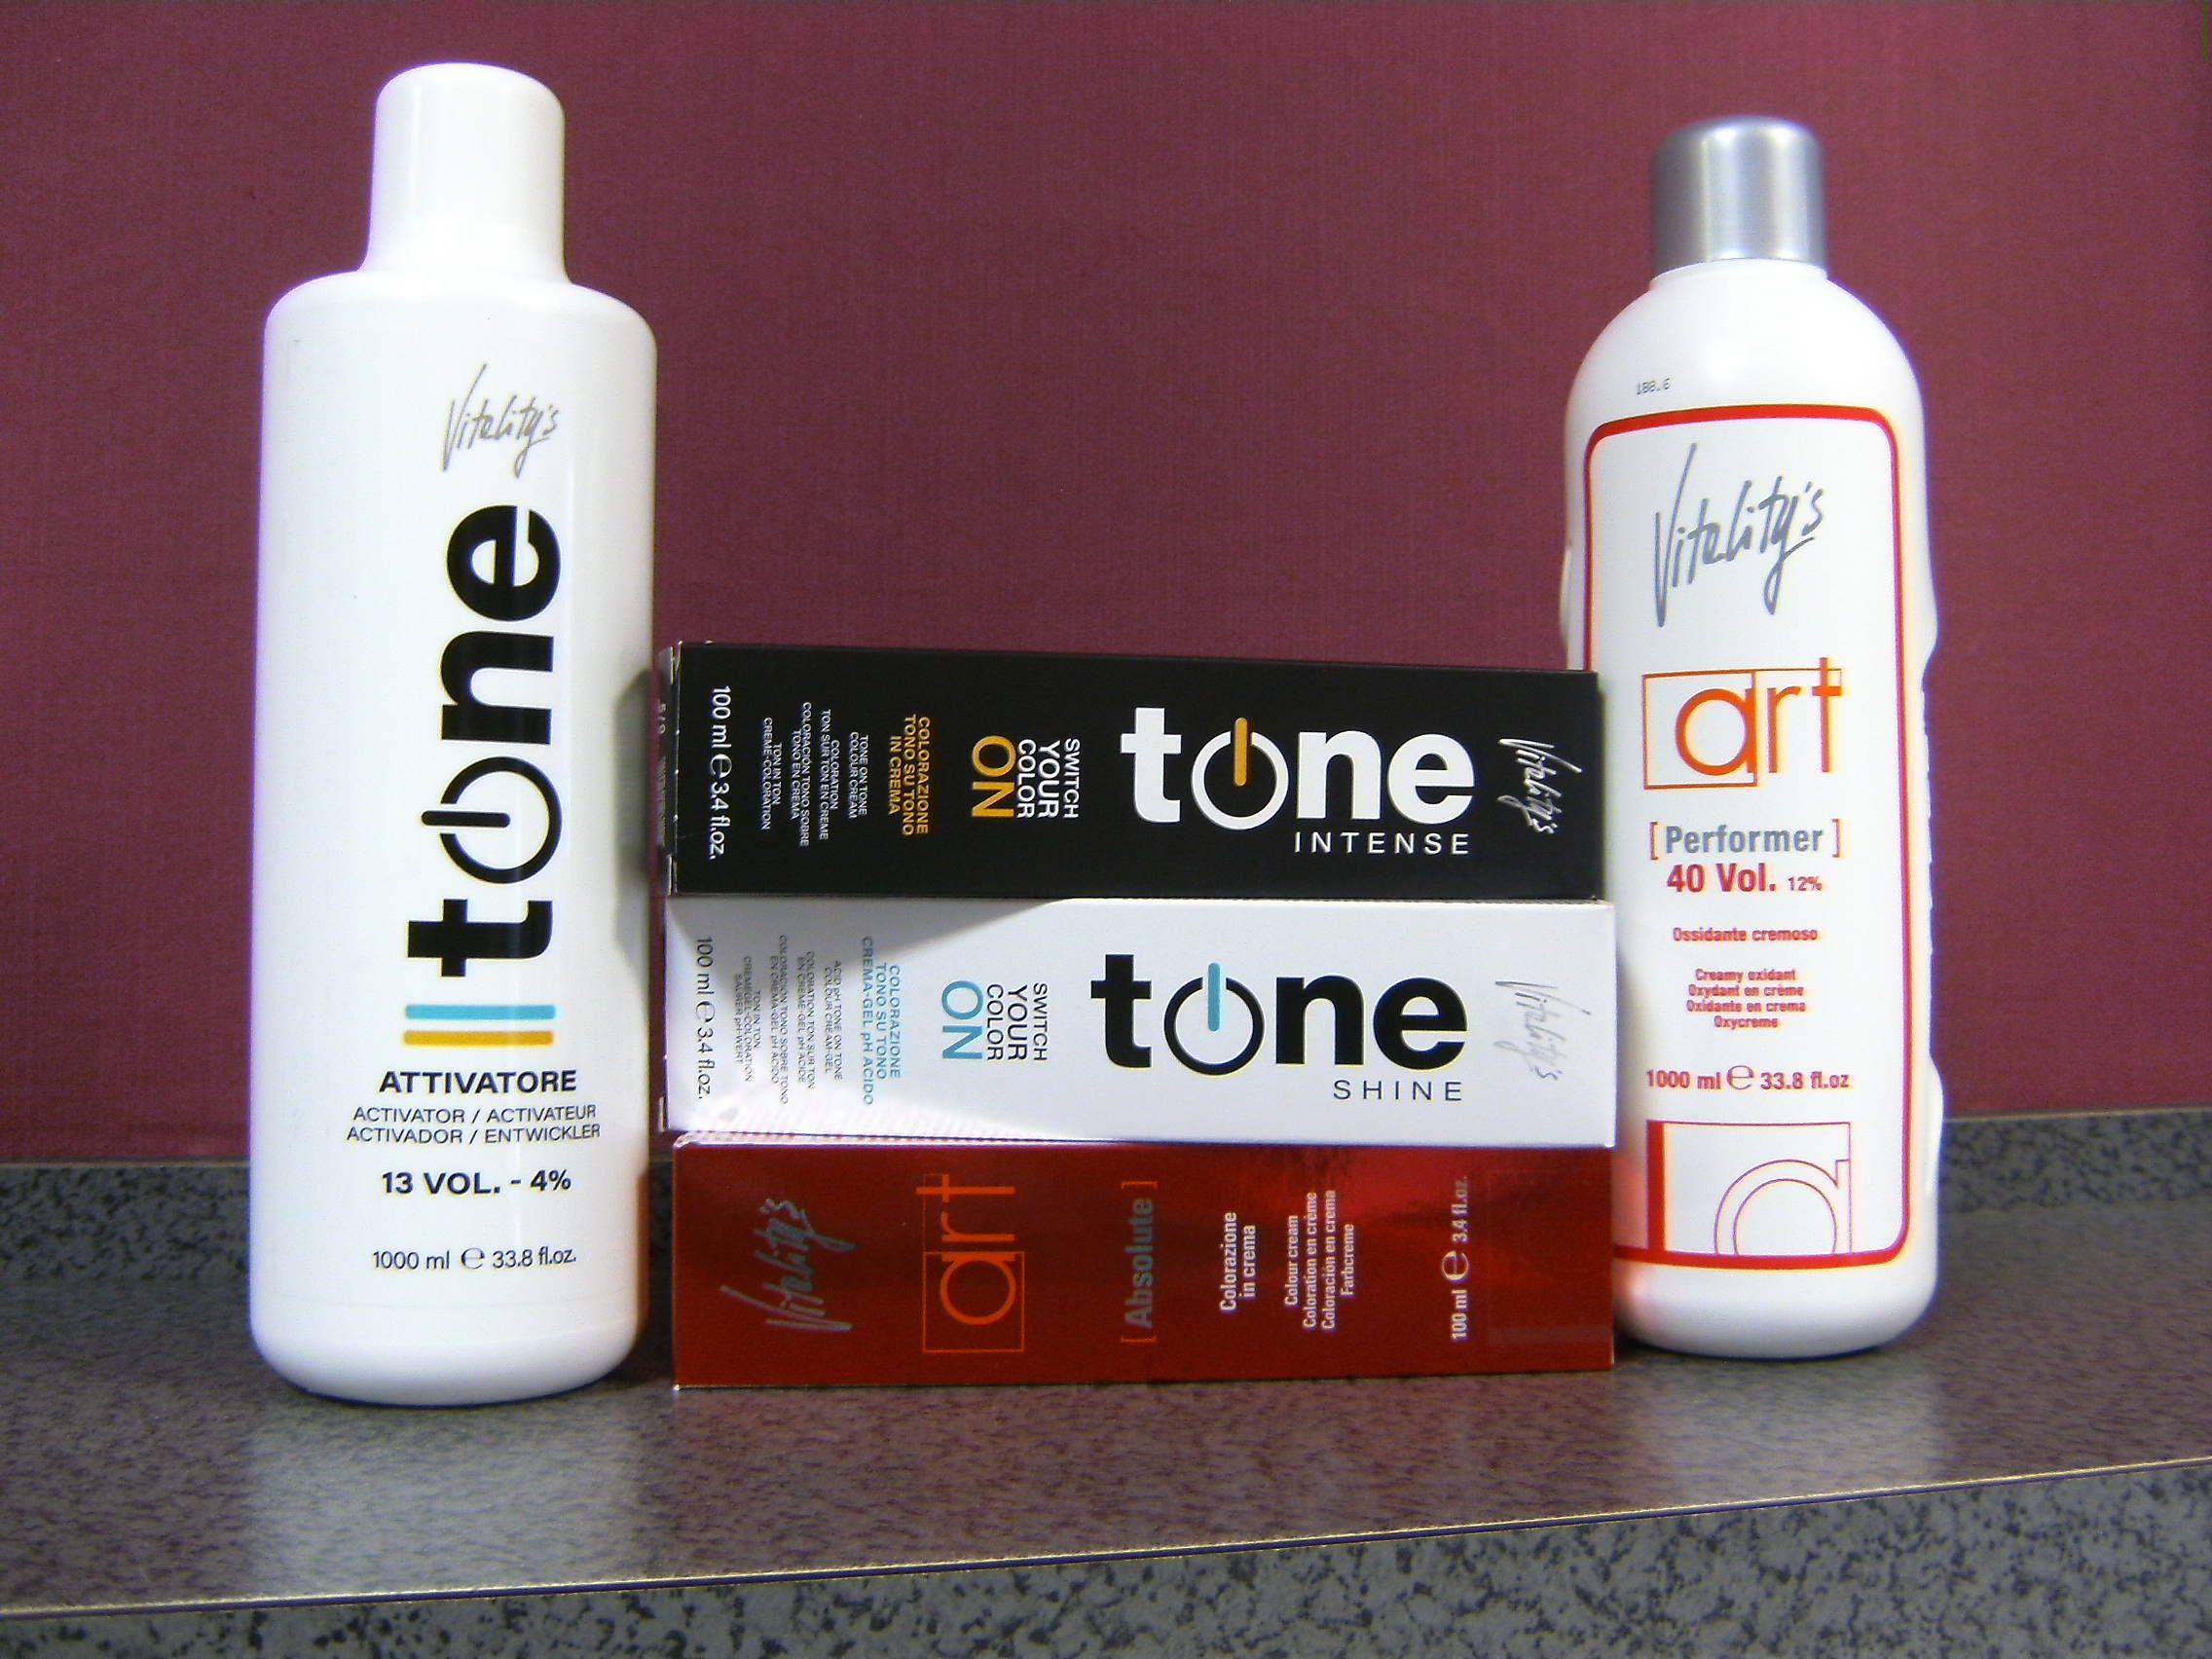 Vitalitys Produkte